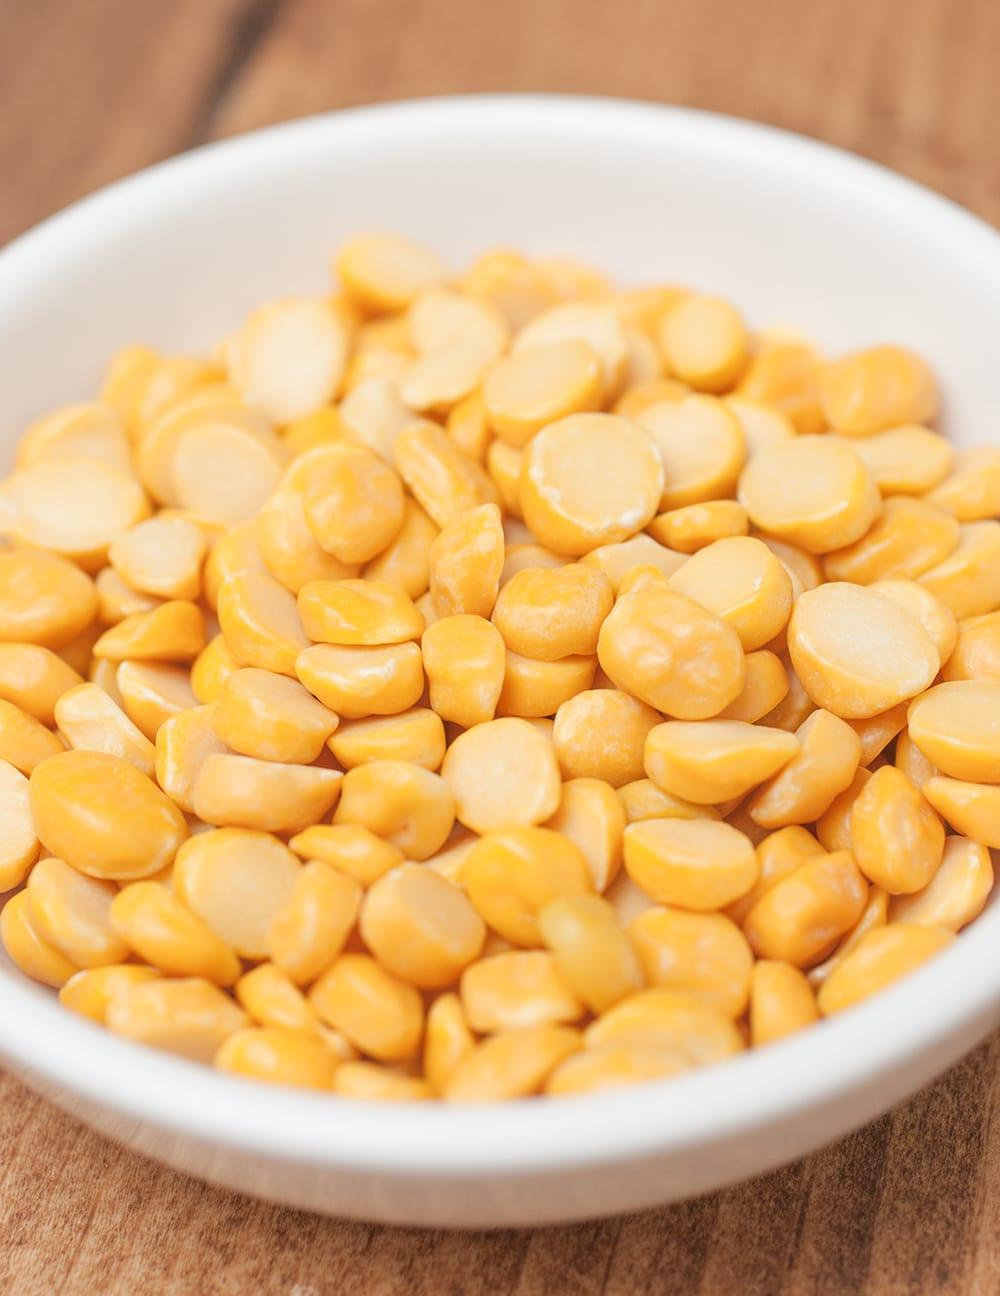 ひよこ豆(皮なし) Chana Dal 【500gパック】 2 - 煮えやすくて美味しいひよこ豆